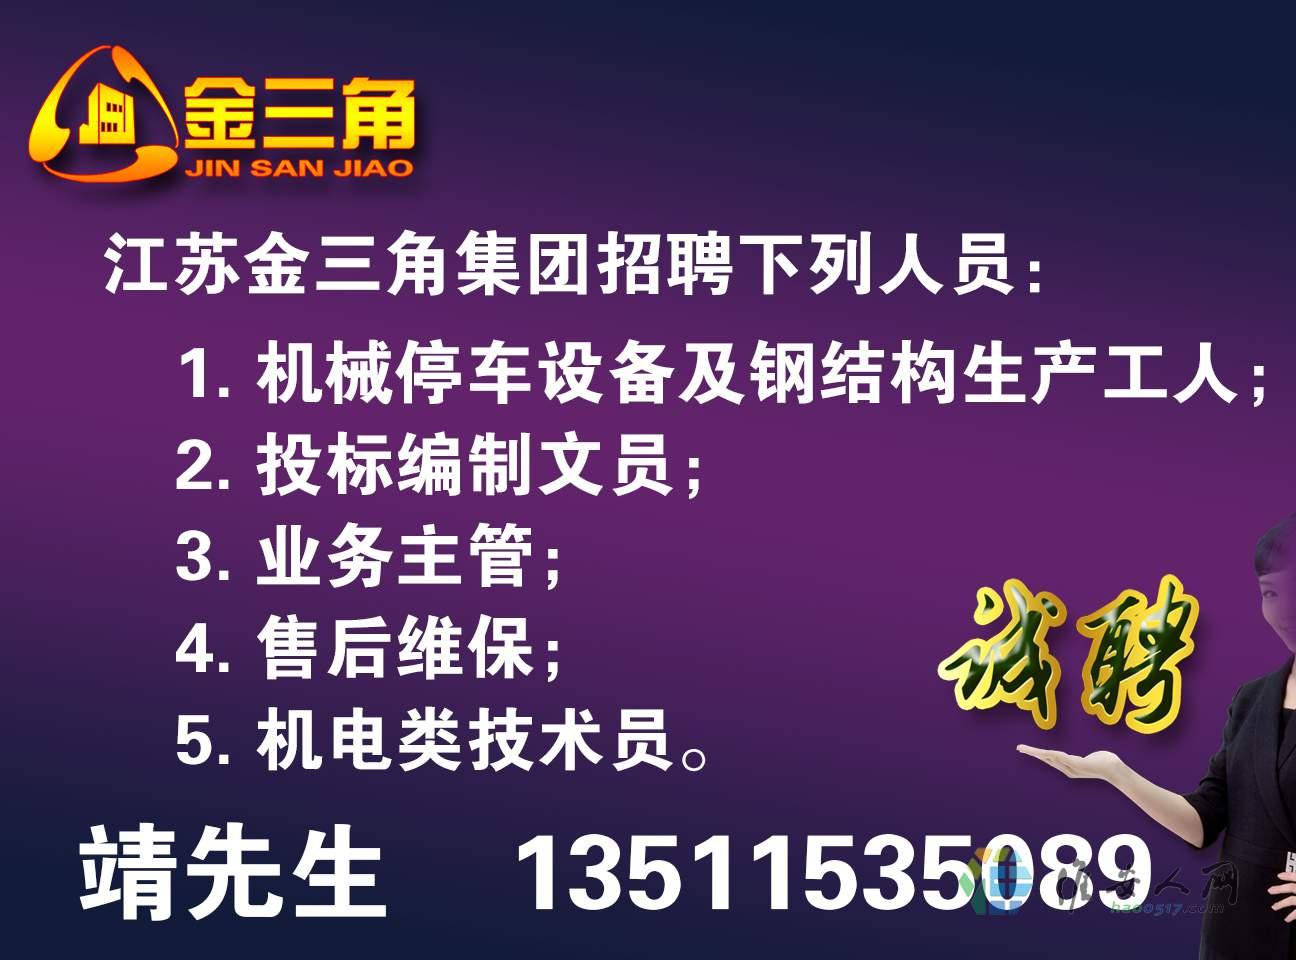 金三角春节招聘(2月5号放到正月十五).jpg